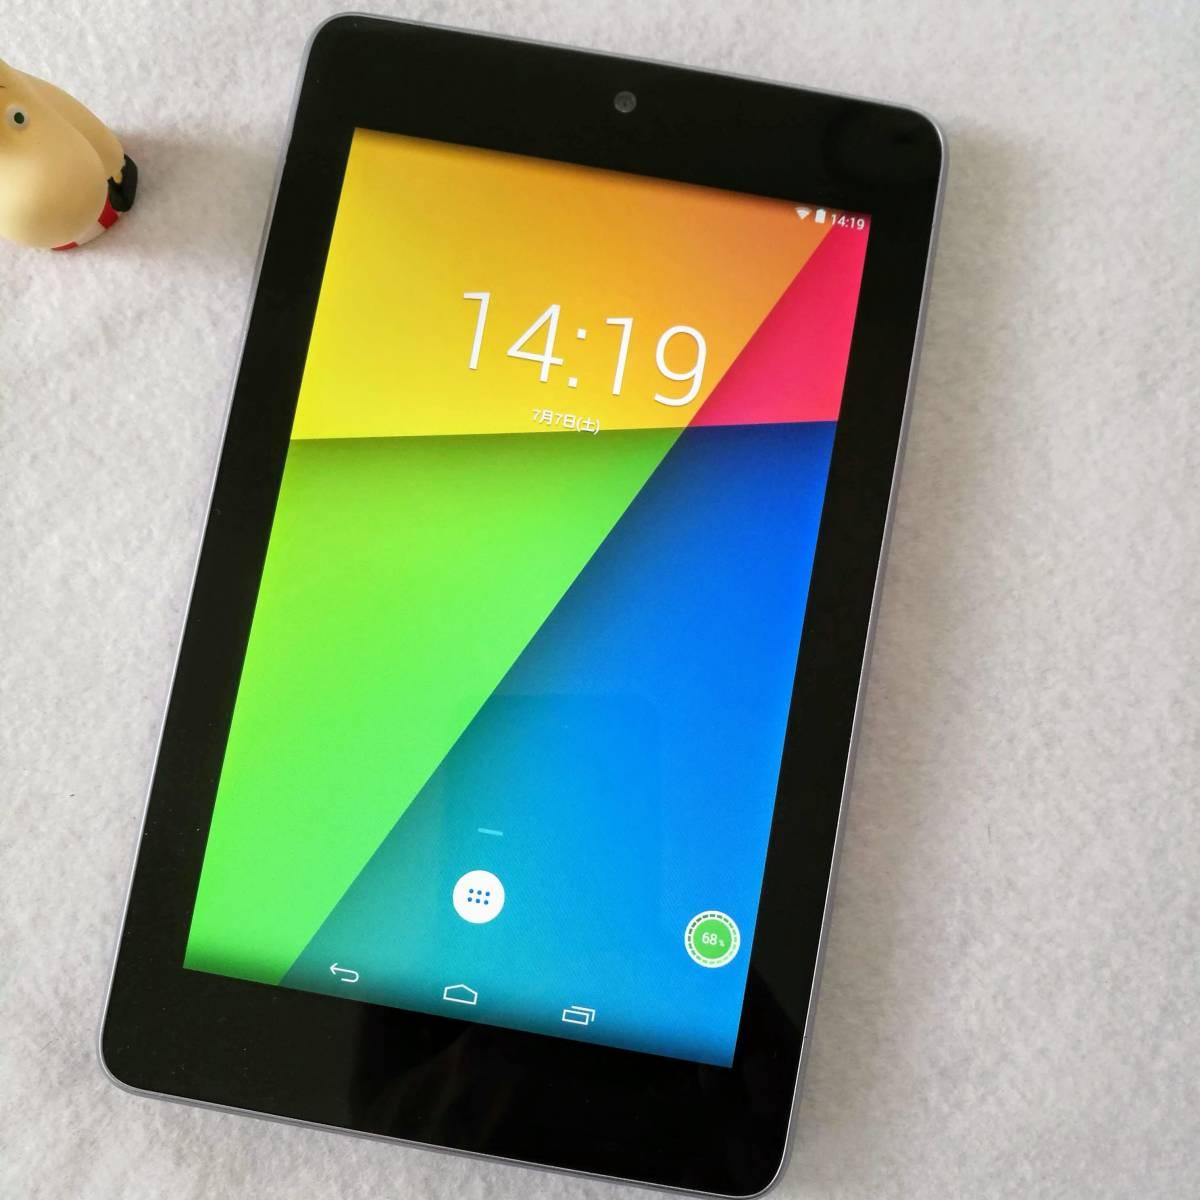 【美品です】【7インチタブレットの名機】Google Nexus7 Wi-Fiモデル 16GB ツムツム ポケ森 カーナビ AbemaTV インスタ できます 16